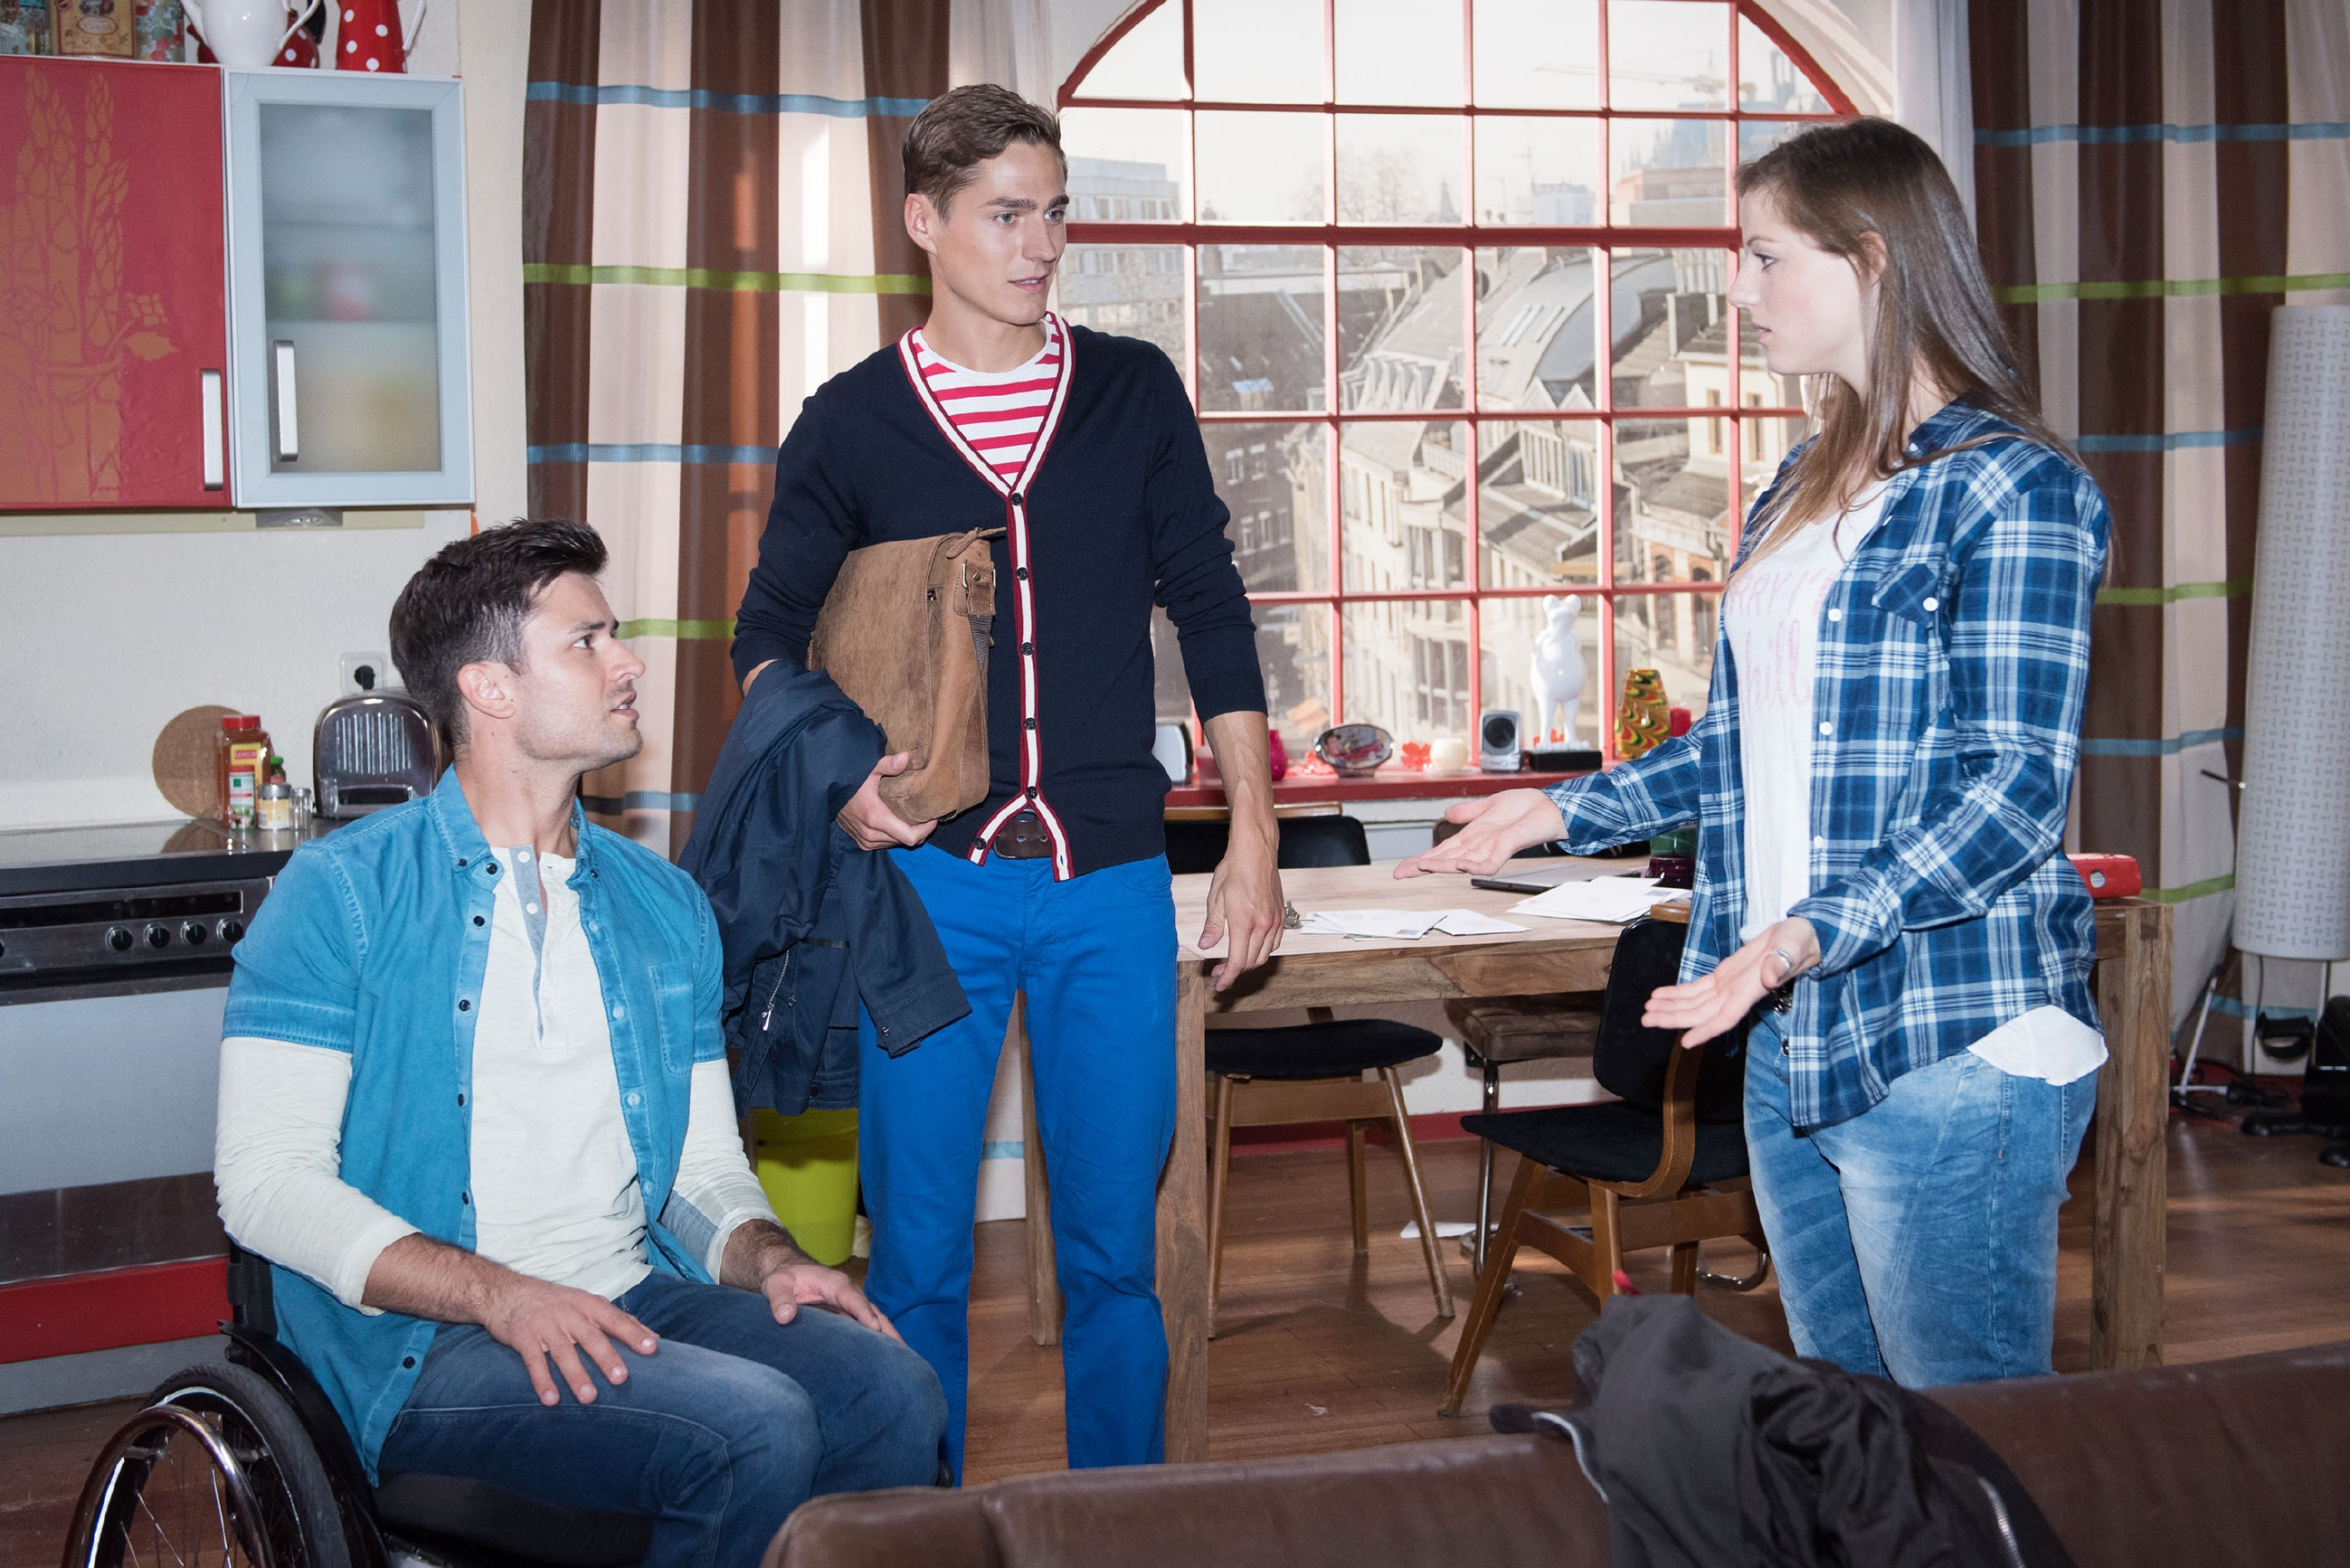 """Elli (Nora Koppen) versucht vergeblich, Paco (Milos Vukovic, l.) das vermeintliche """"Sexspiel"""" mit Ringo (Timothy Boldt) zu erklären. (Quelle: RTL / Stefan Behrens)"""